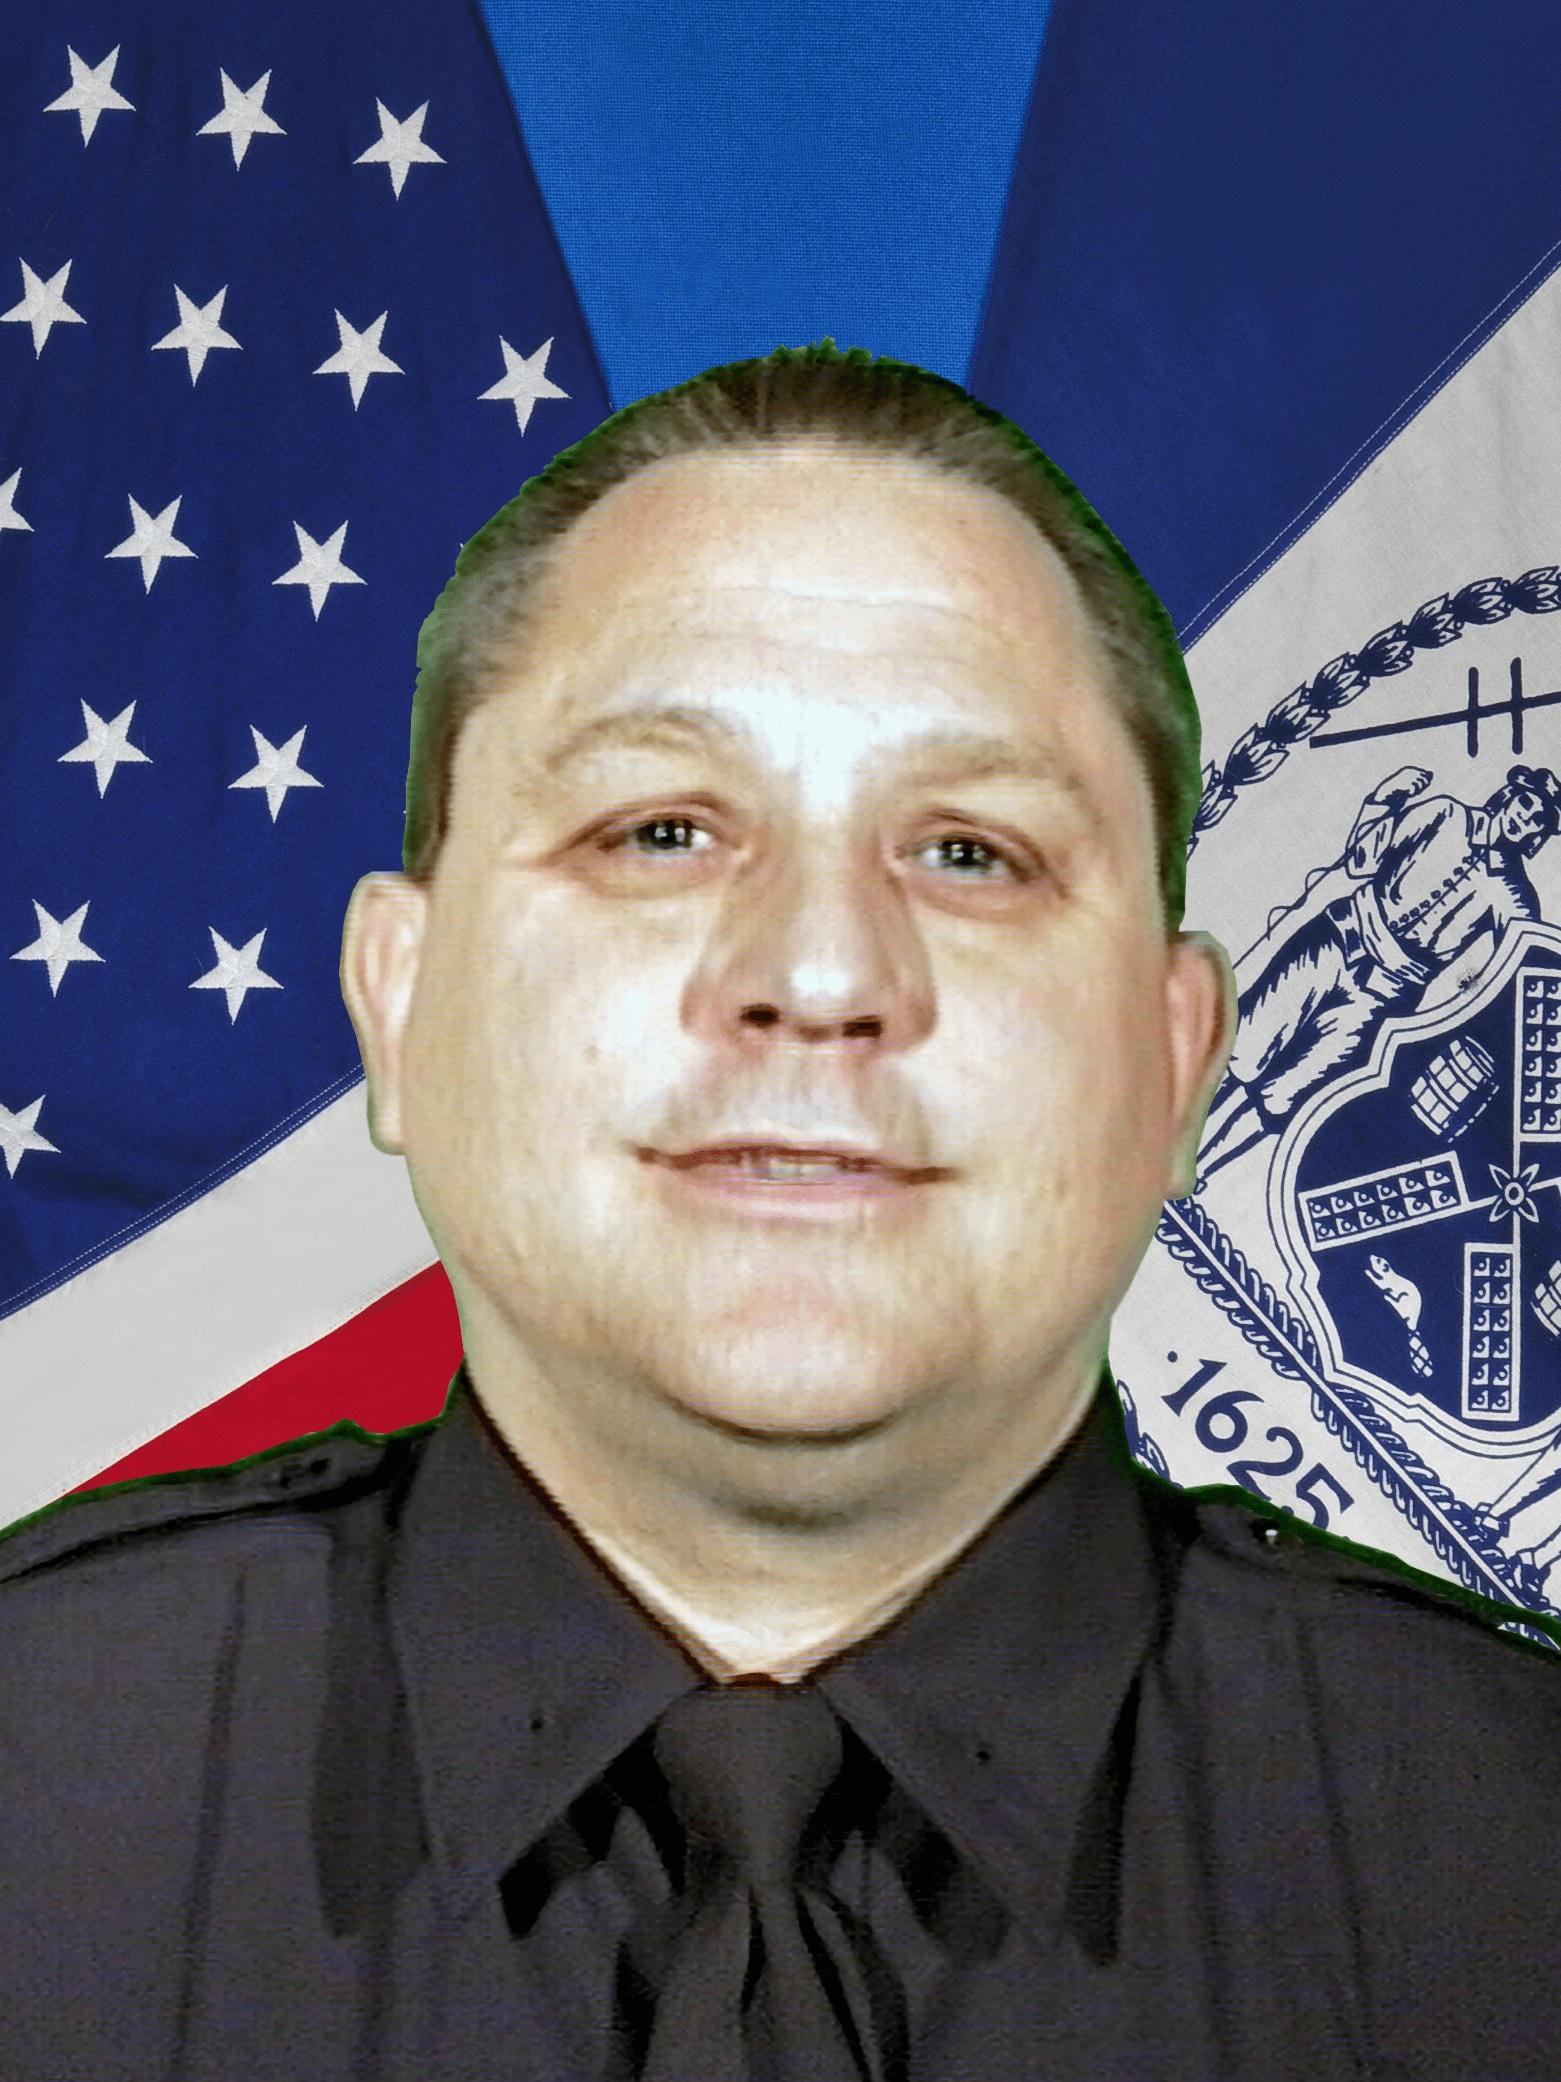 Police Officer Paul J. Johnson | New York City Police Department, New York